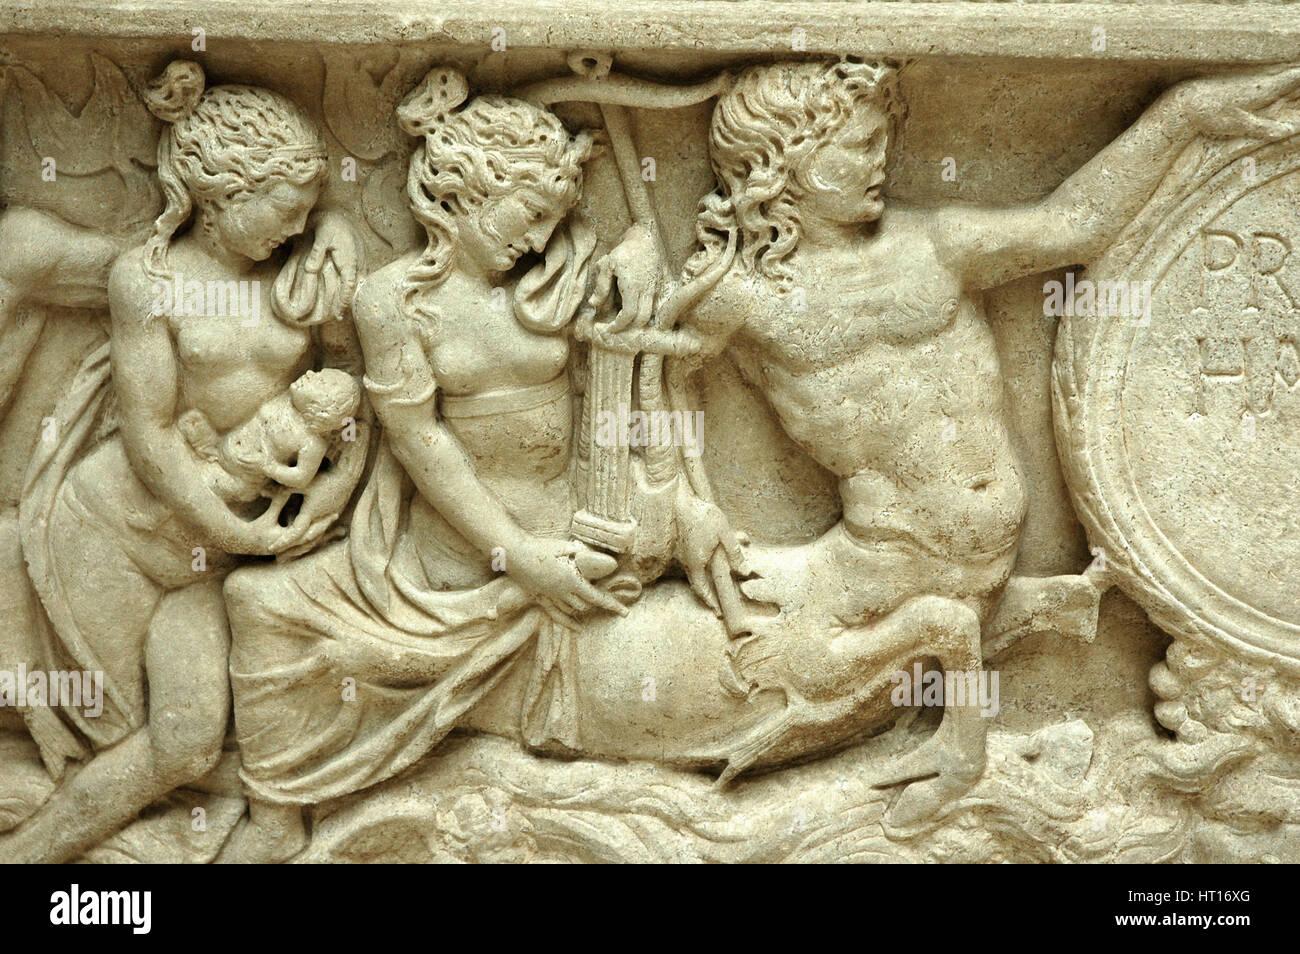 Rilievo da un sarcofago raffigurante un centauro. Cultura: Romano. Linea di credito: Werner Forman Archive, Artista: Immagini Stock